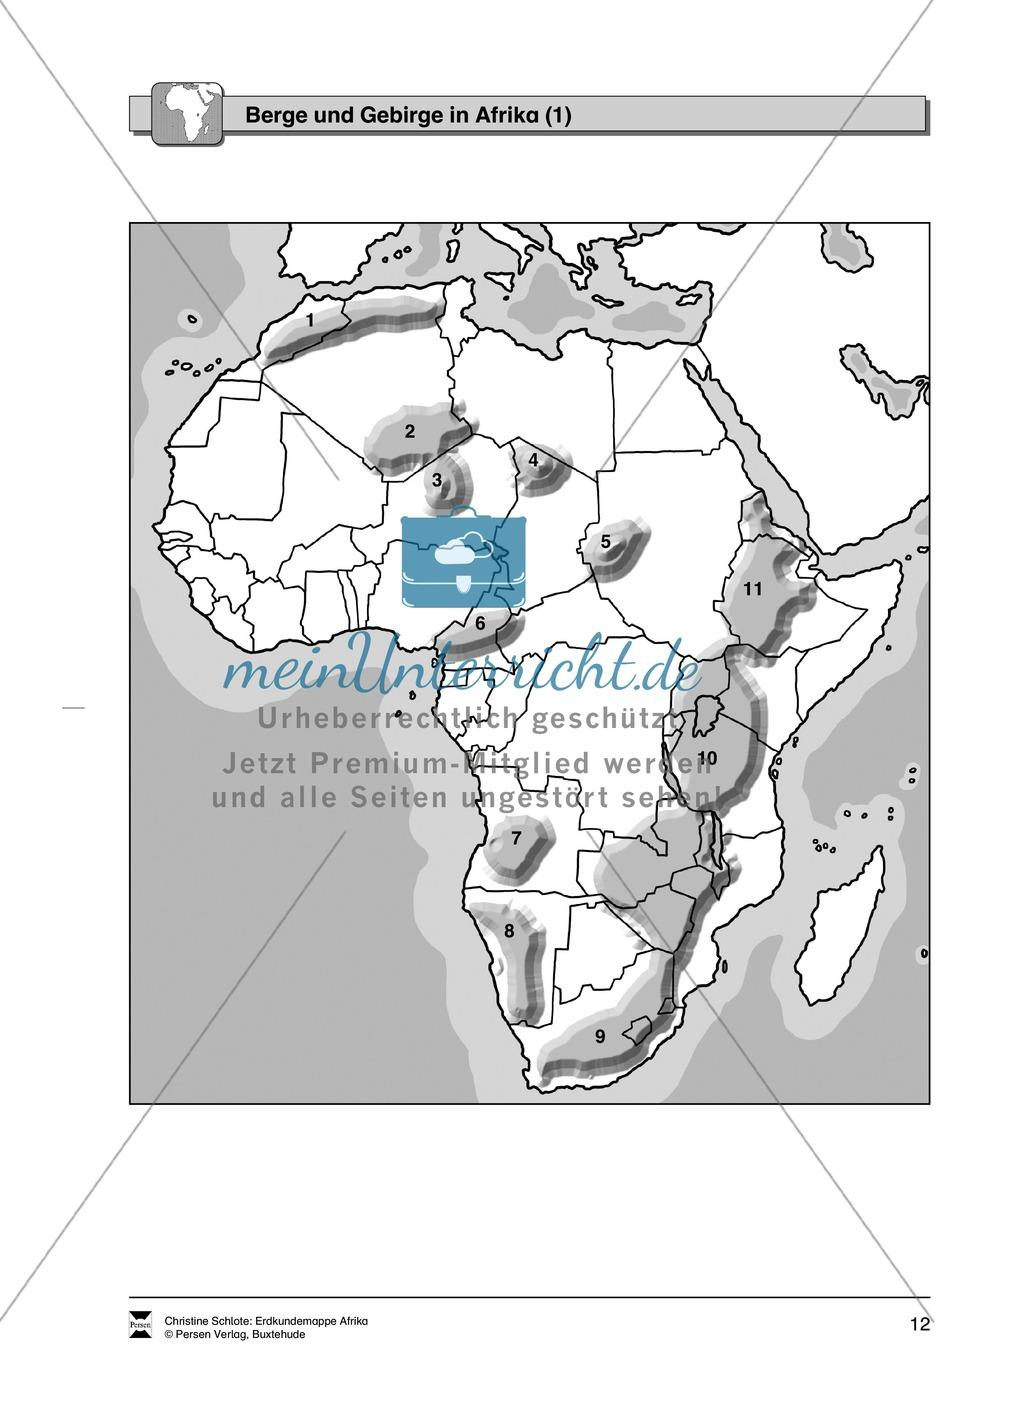 Kopiervorlage zu einer Übersicht über den Kontinent Afrika: Lückentexte, Rätsel und Karten zu Topographie + Staaten + Hauptstädten Preview 11